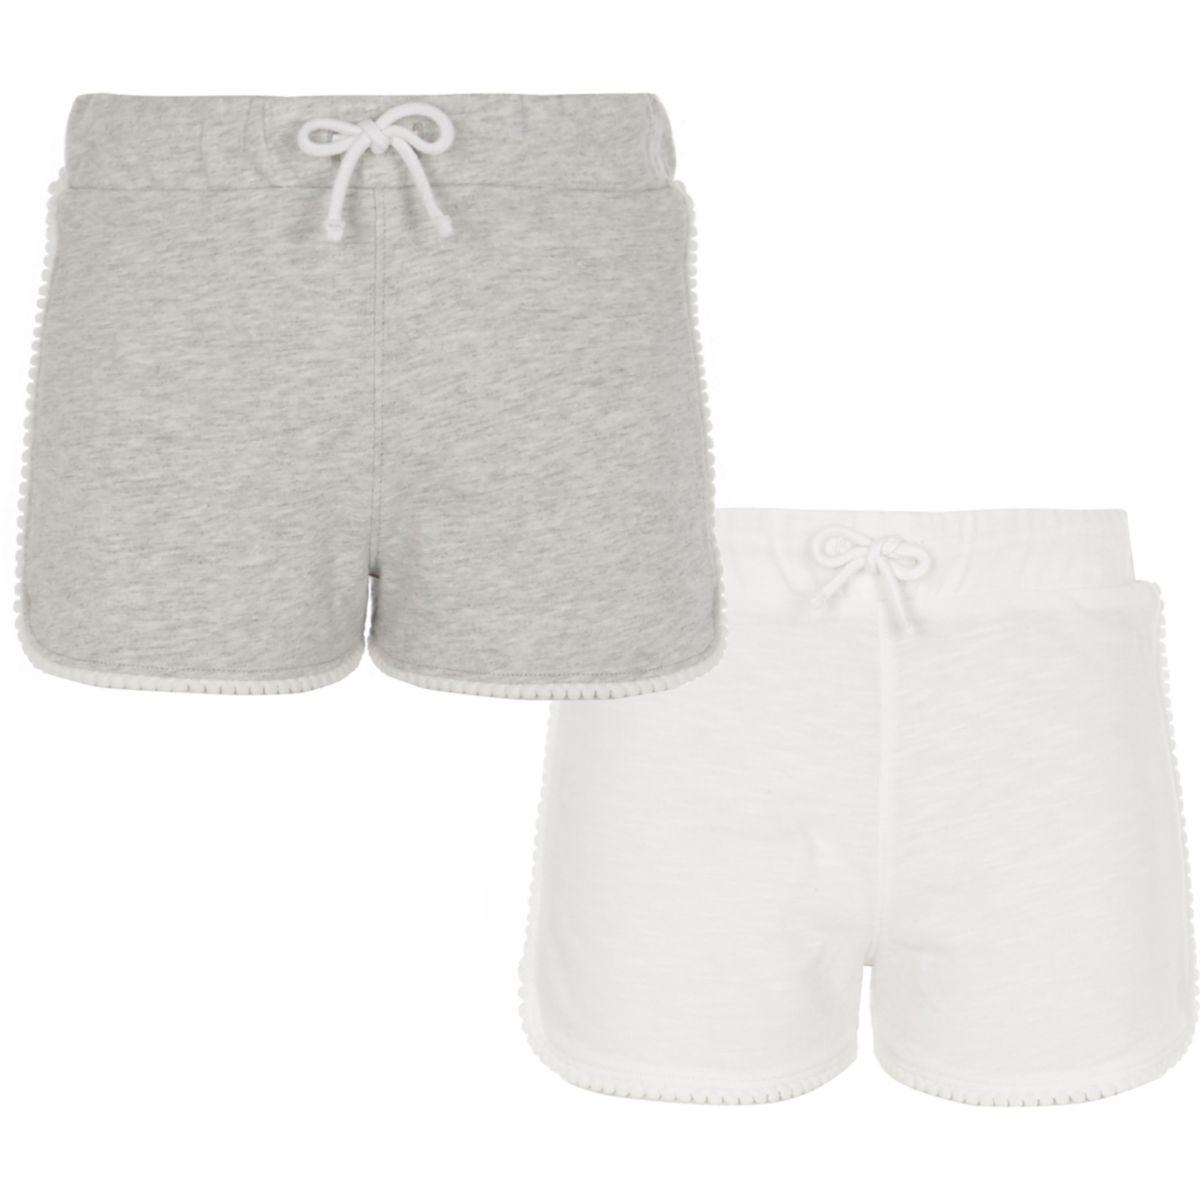 Lots de shorts de course, gris et blanc, fille